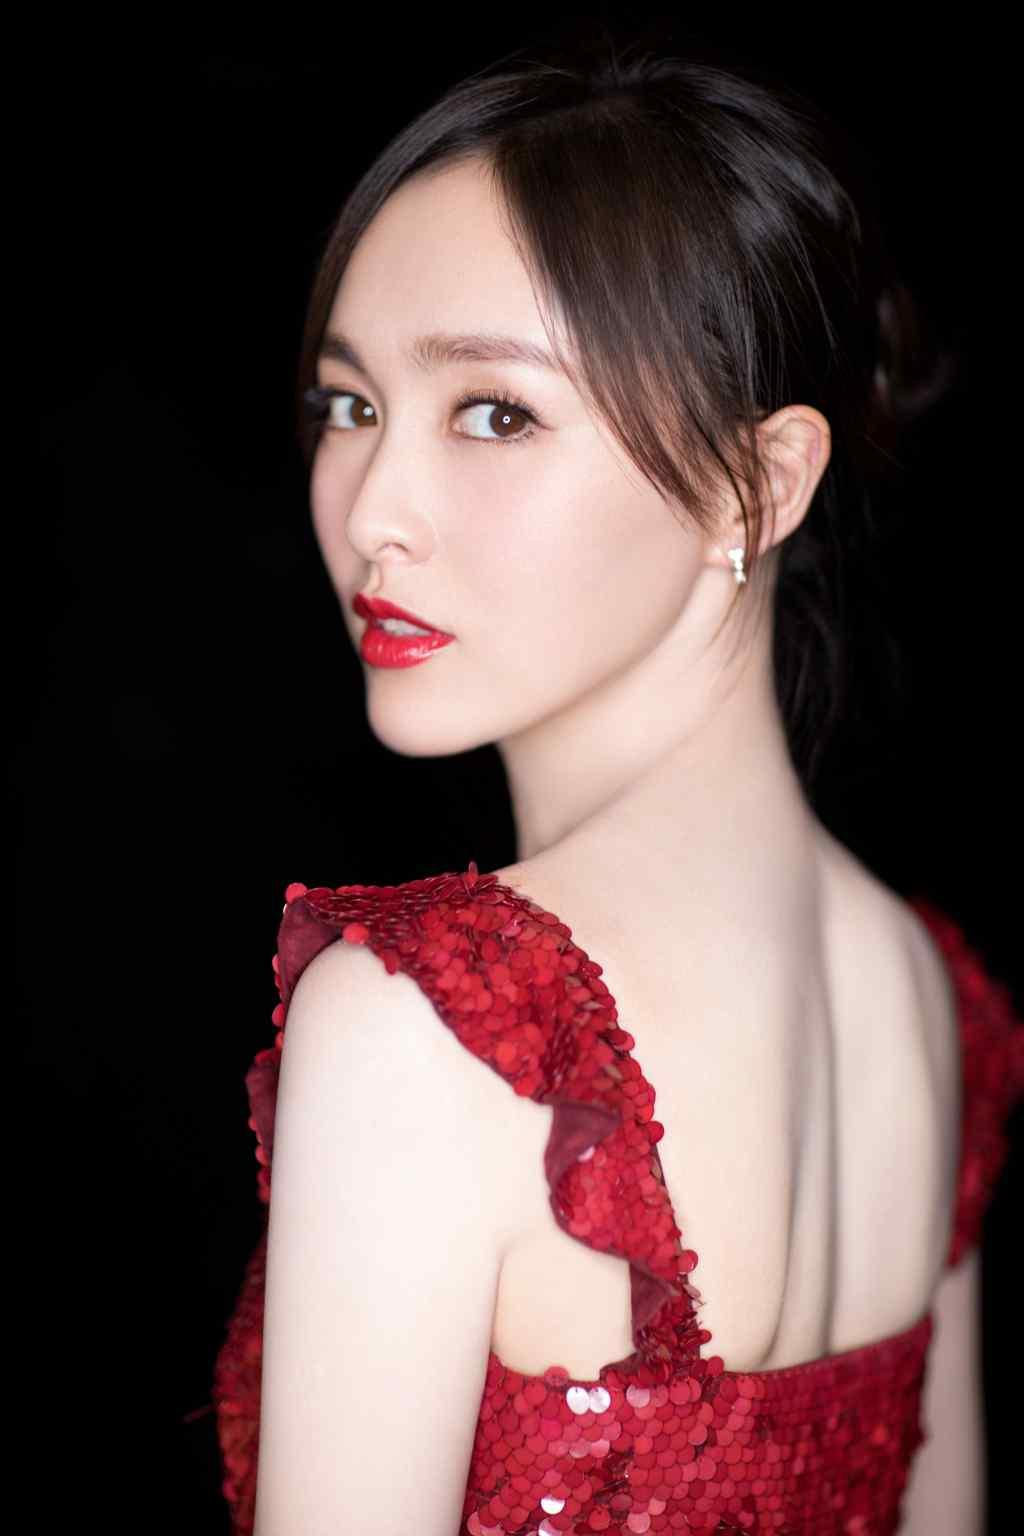 唐嫣低胸露背吊带红裙性感写真图片